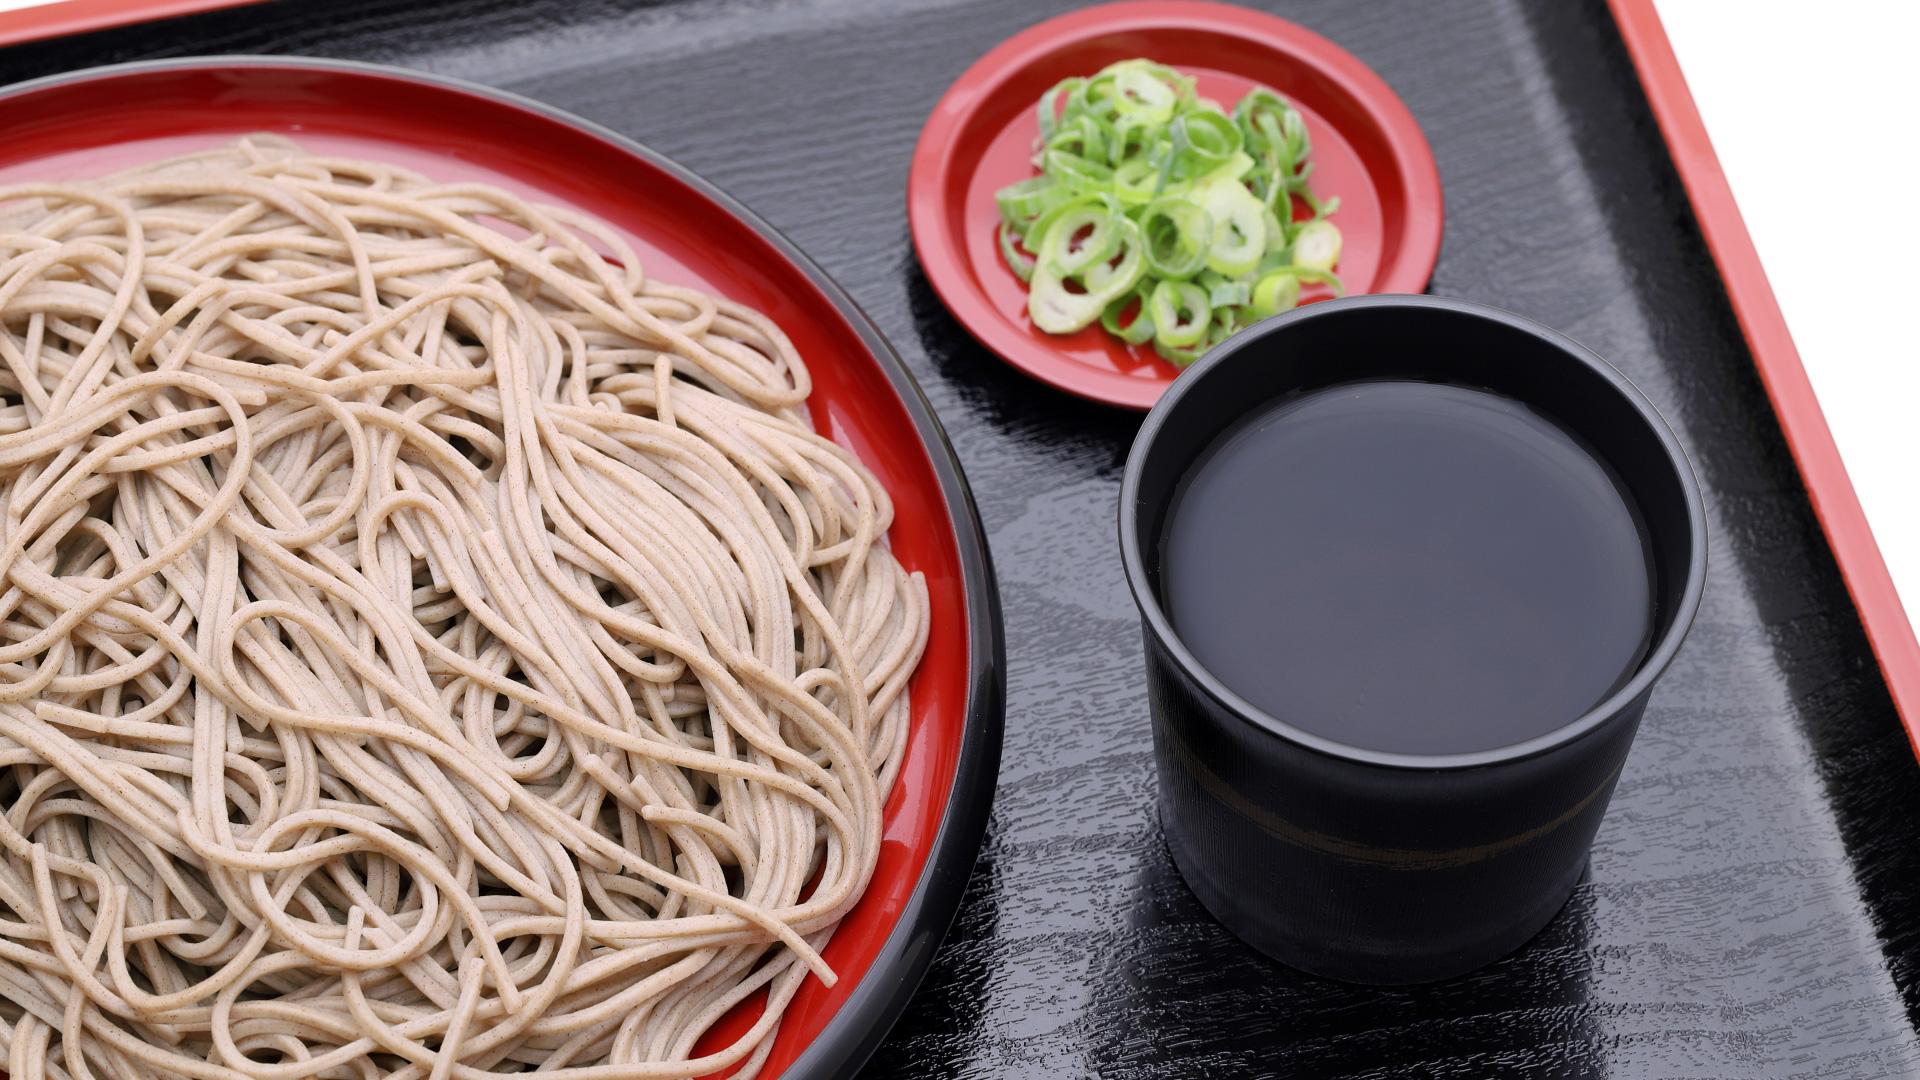 こだわりの和食を楽しめる「川上庵」のそばが絶品!美味しいメニューをご紹介